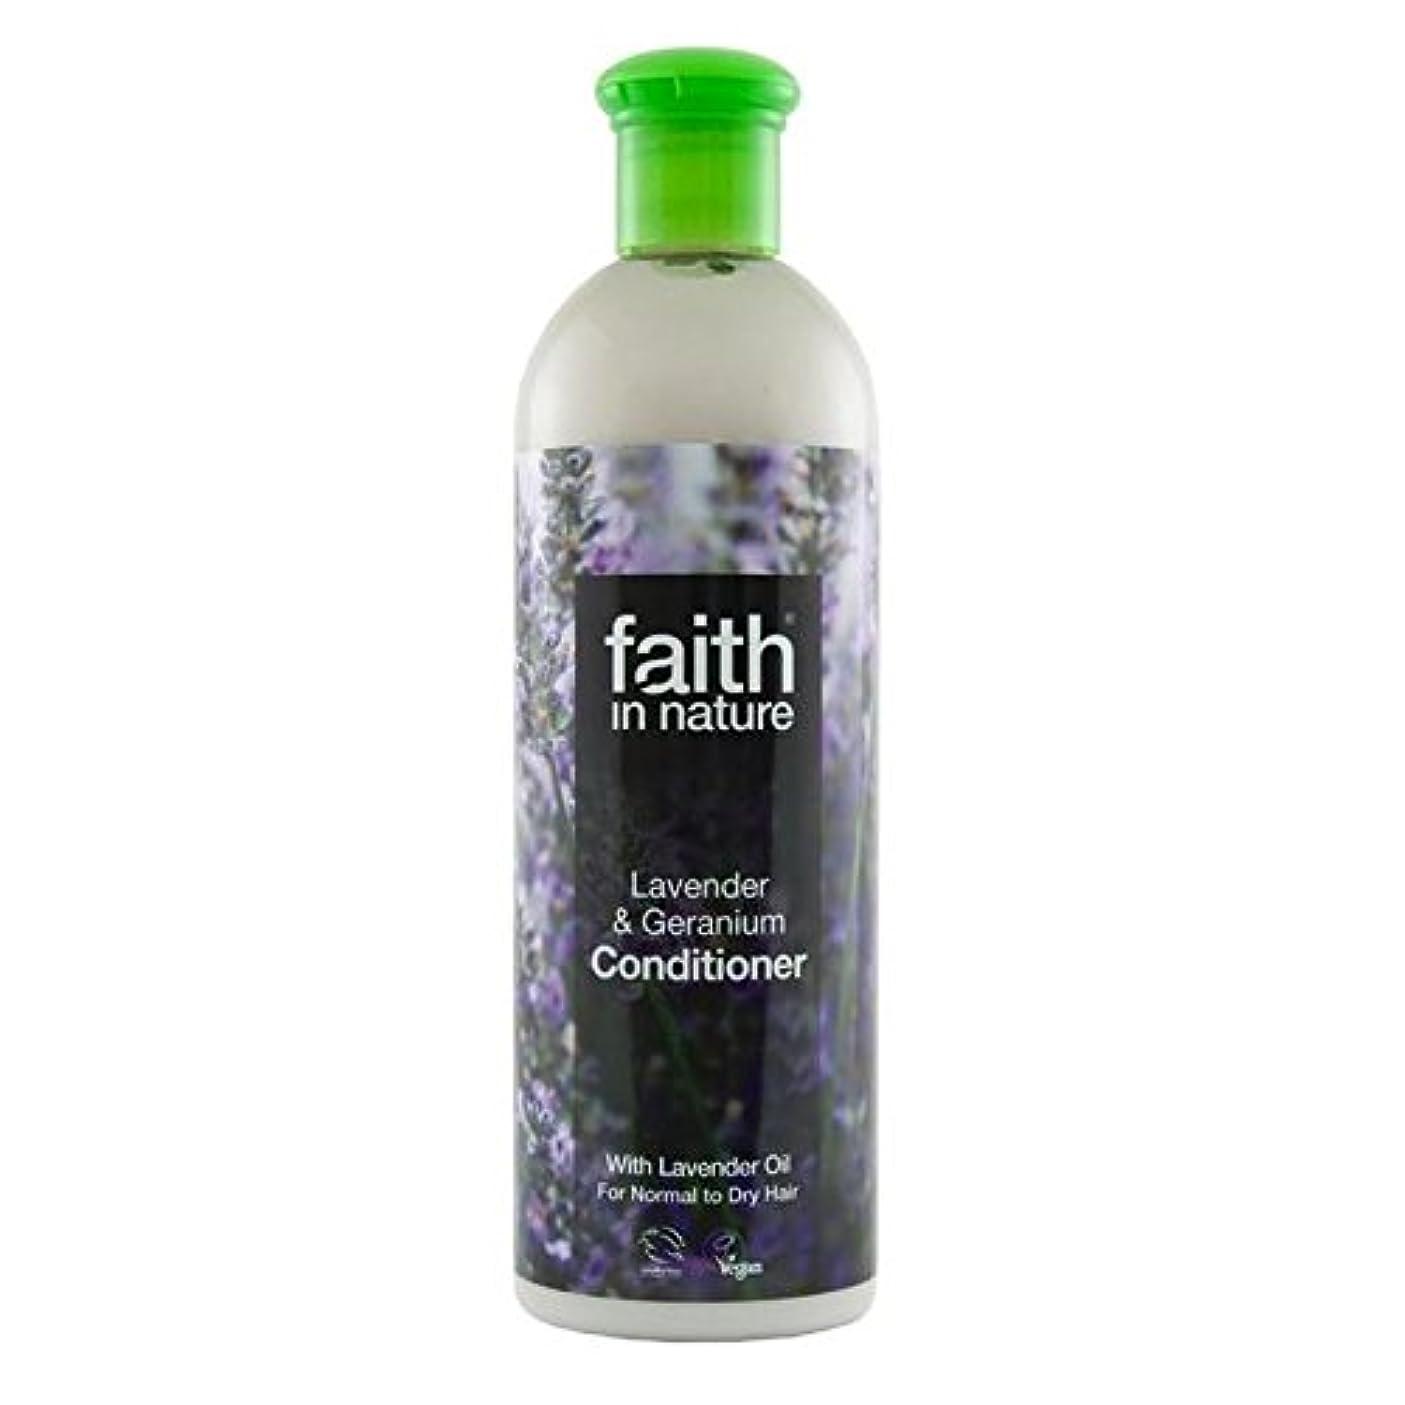 賃金冷ややかな弱まるFaith in Nature Lavender & Geranium Conditioner 400ml - (Faith In Nature) 自然ラベンダー&ゼラニウムコンディショナー400ミリリットルの信仰 [並行輸入品]